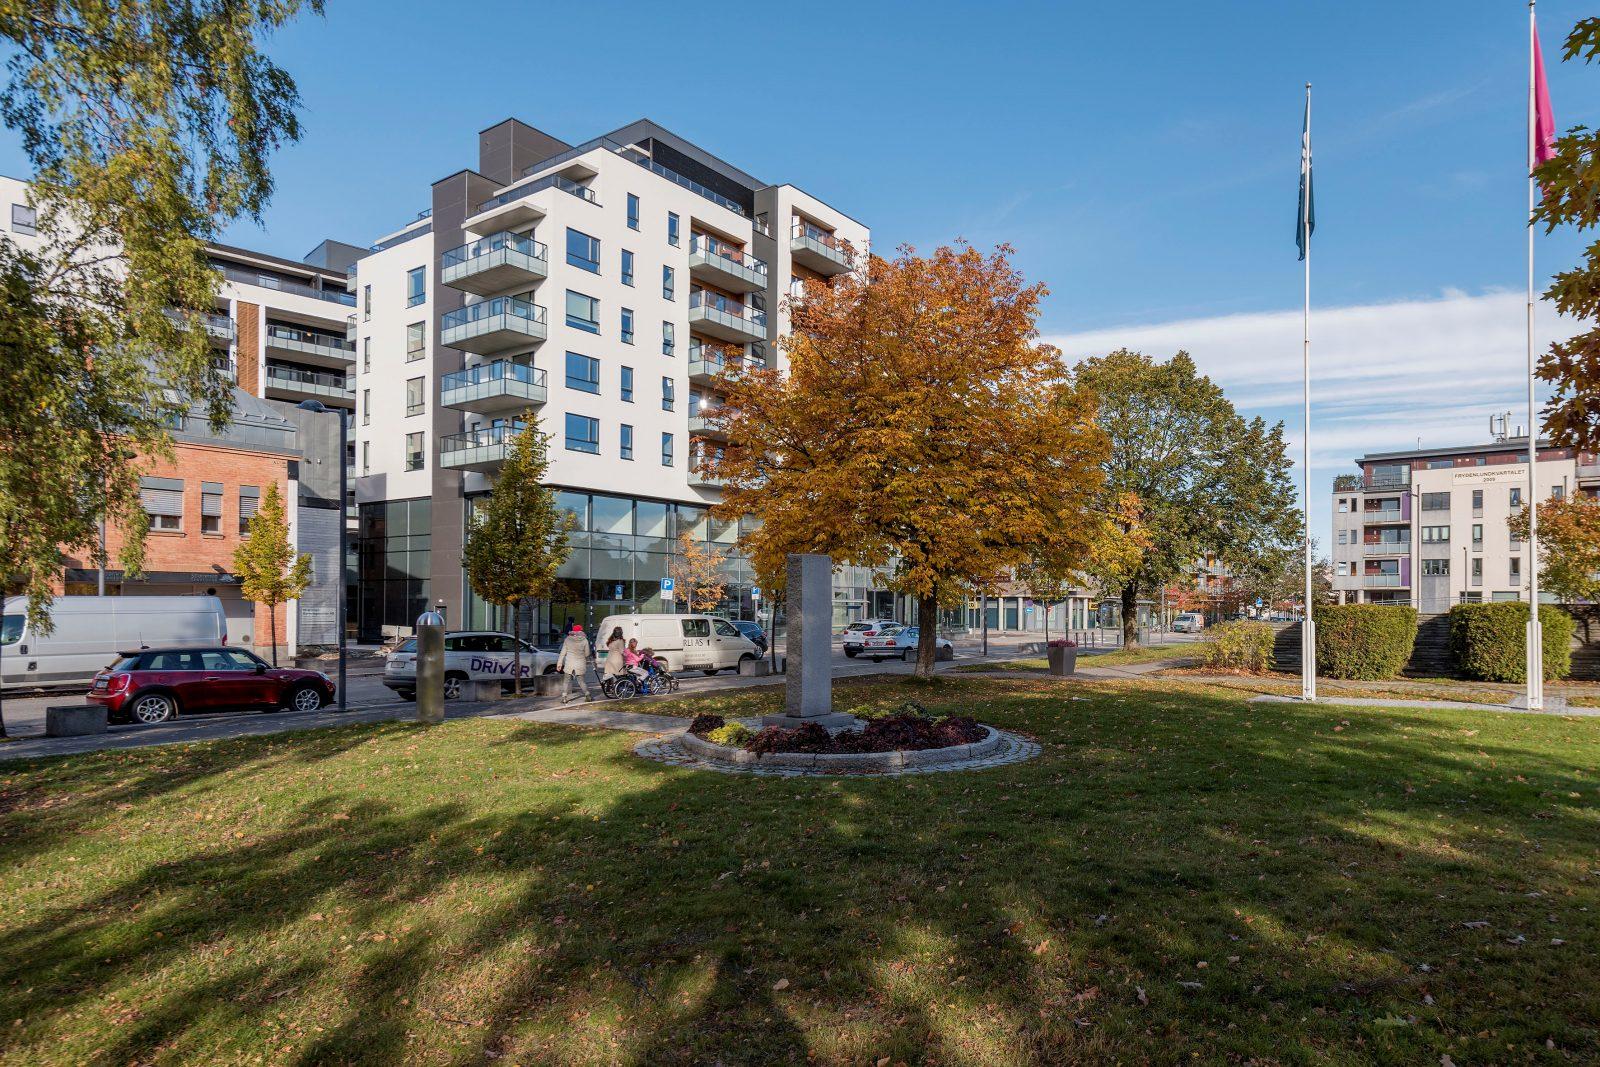 Eiendommen sett fra parken beliggende på andre siden av Strømsveien